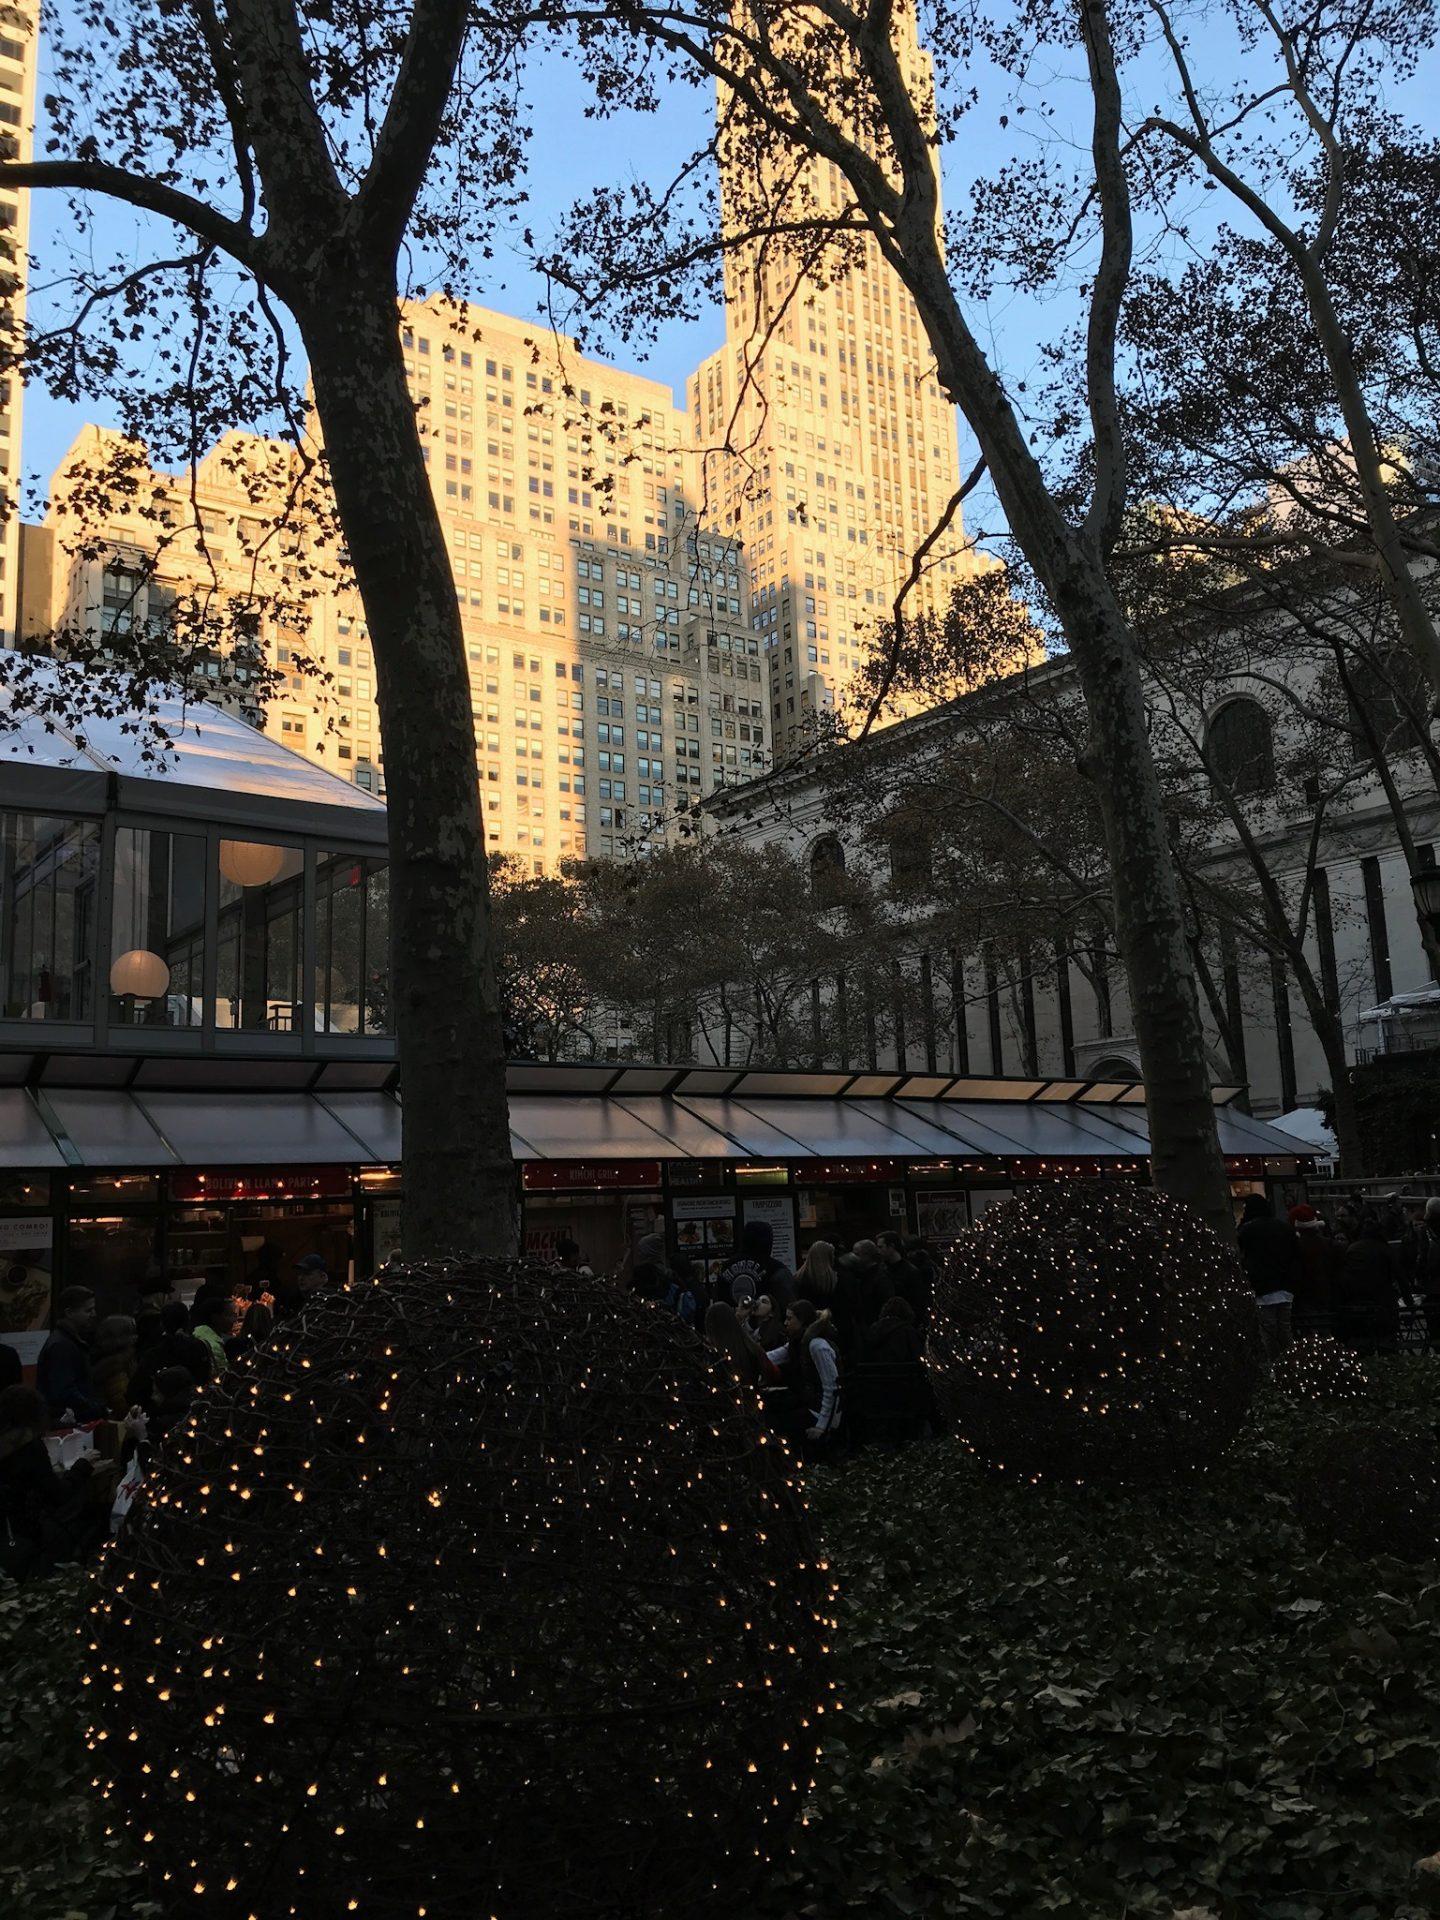 byrant park new york city